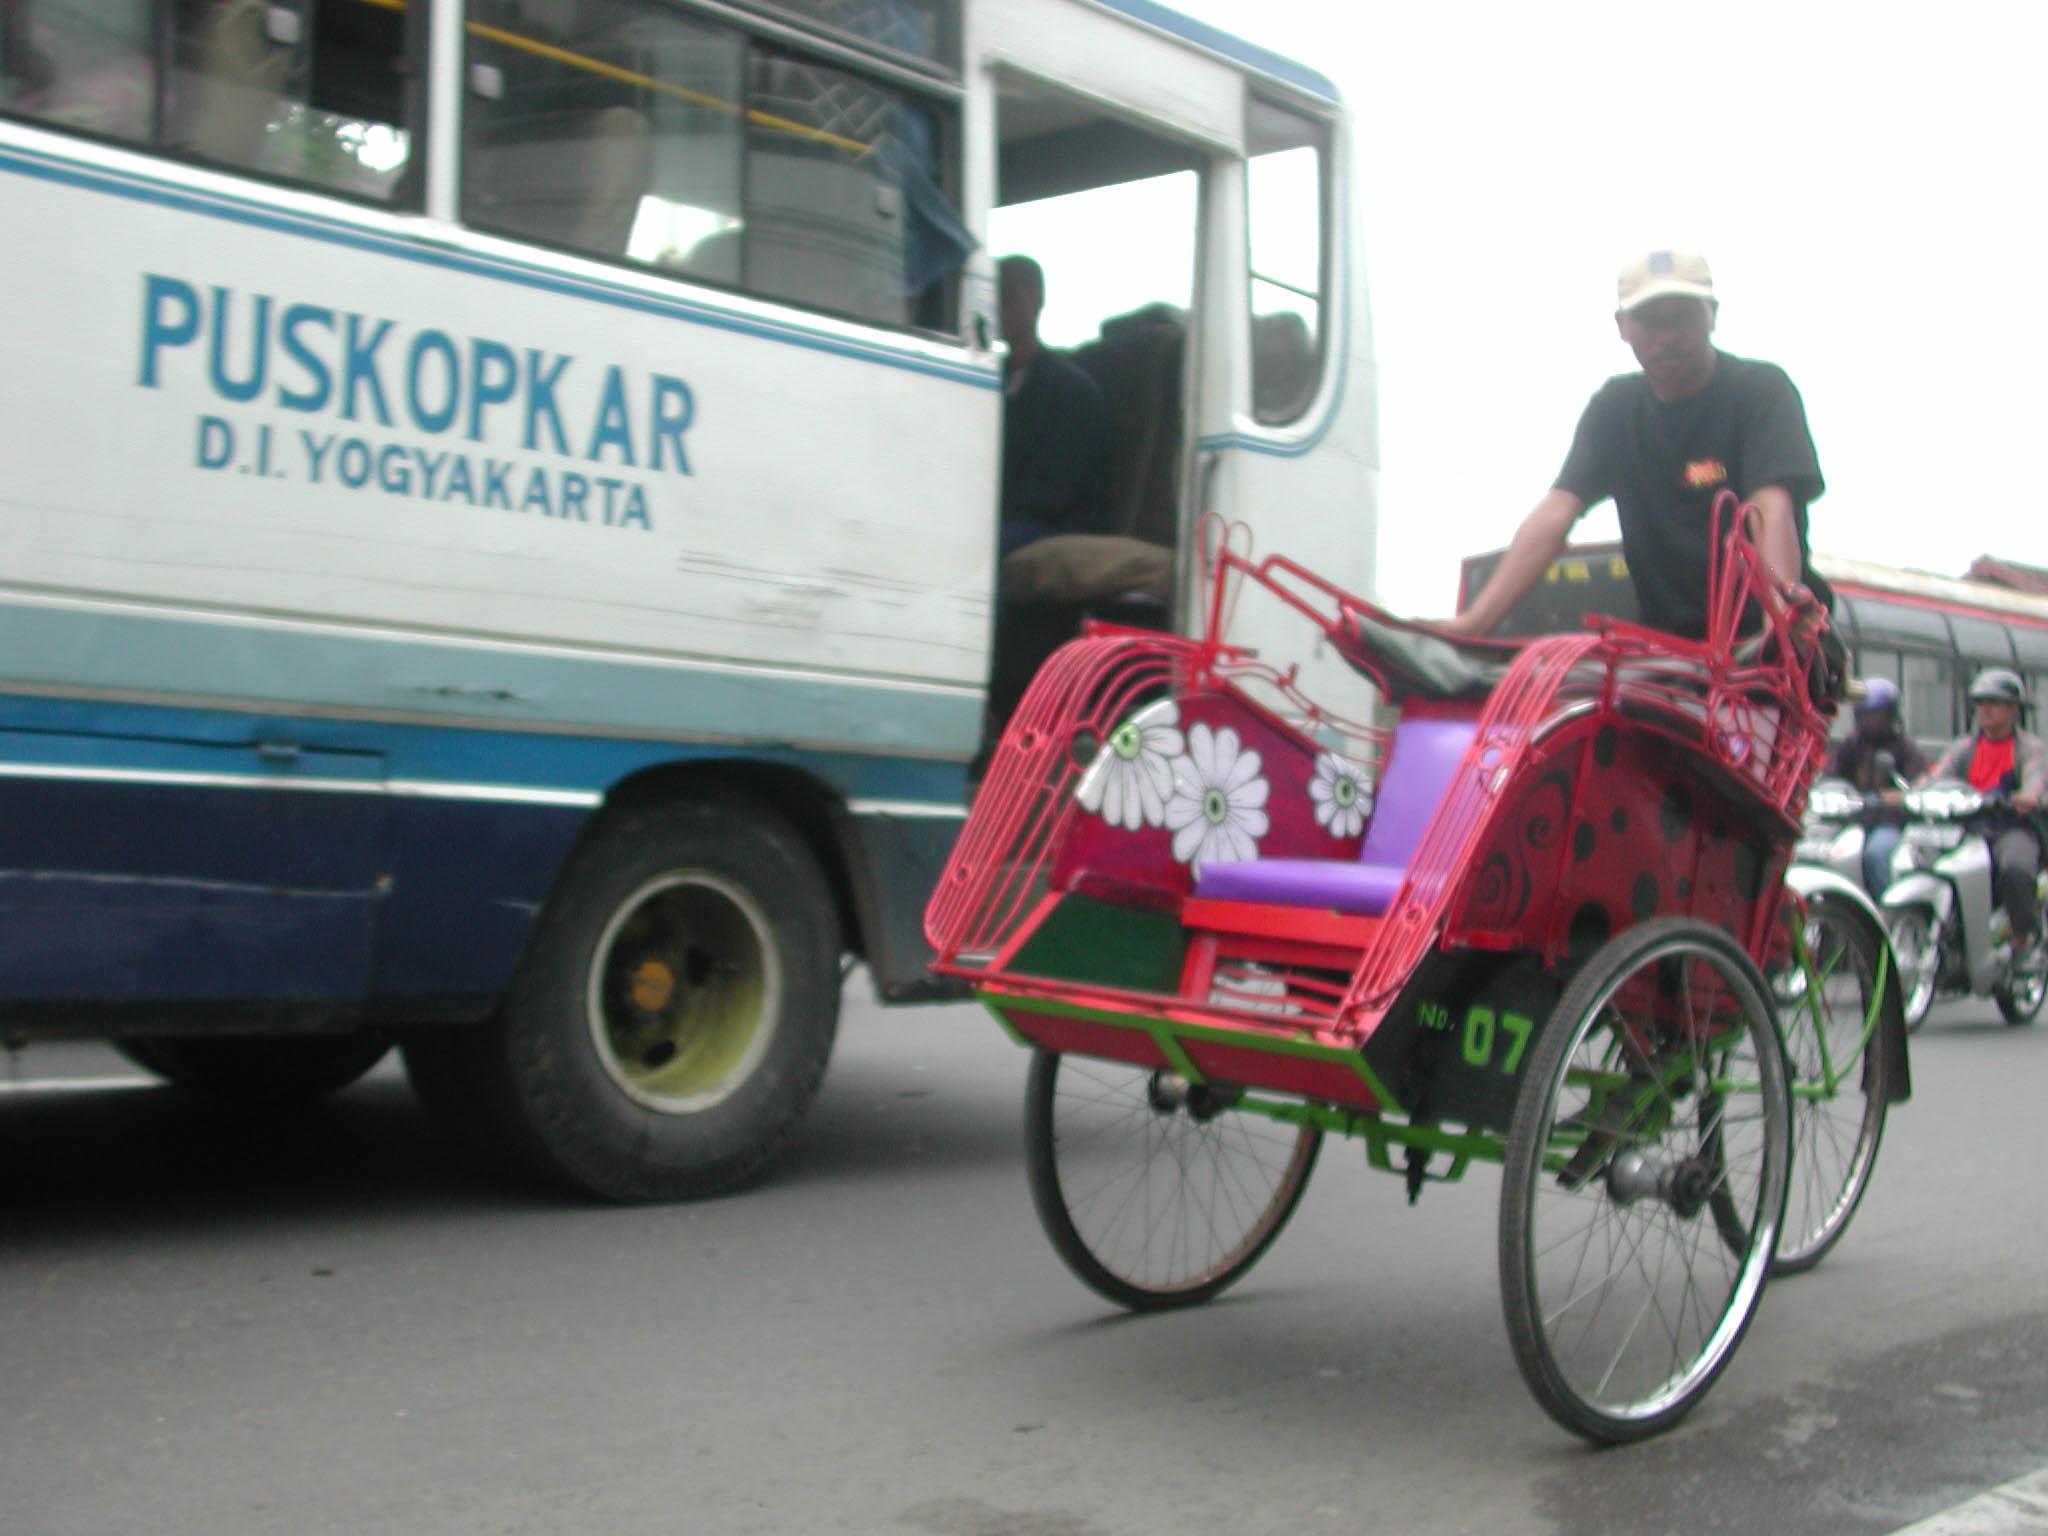 ladybug and bus.jpg